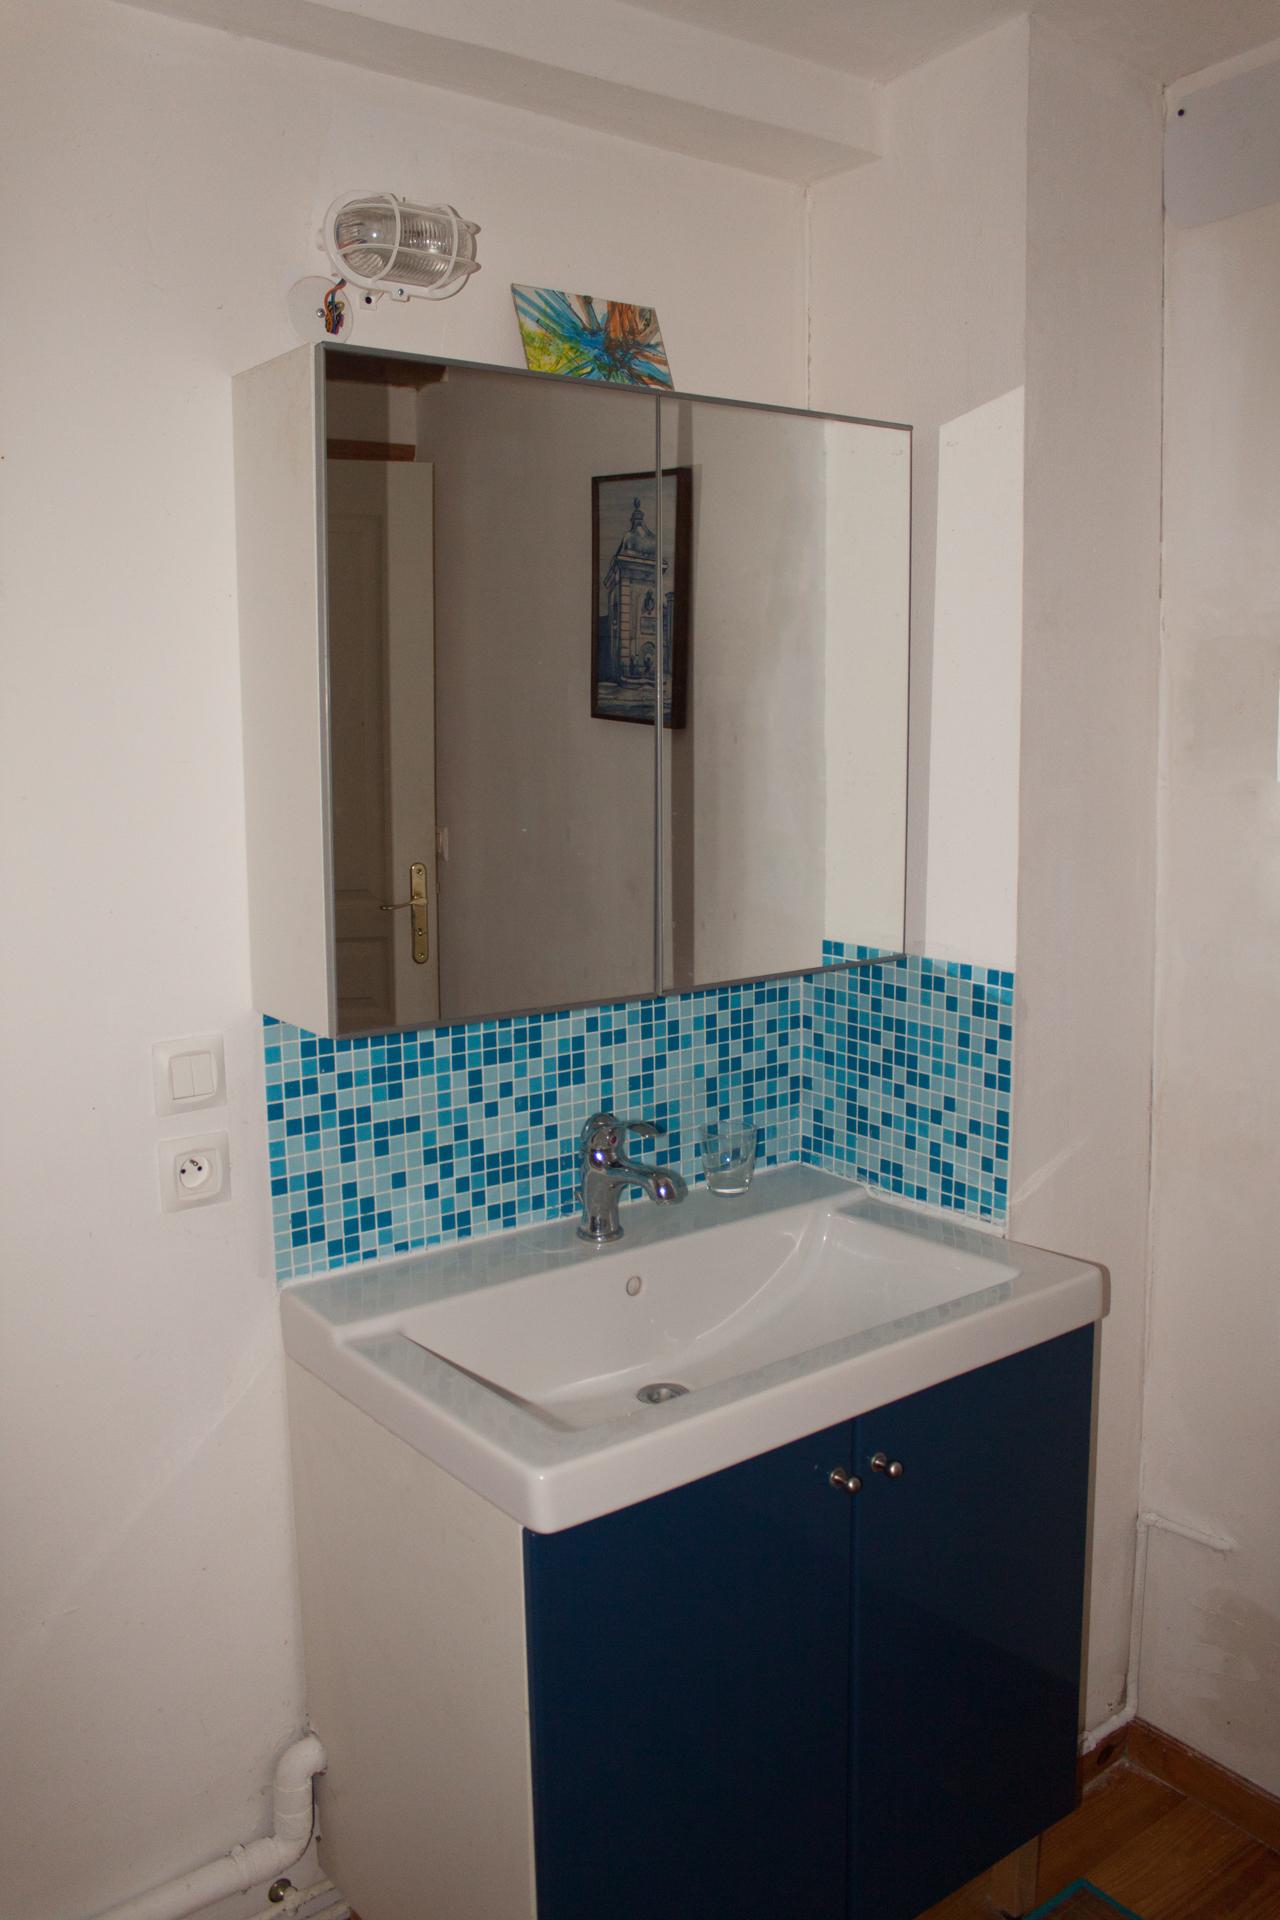 Les bourdoncles ombrassa salle de bain lavabo les - Modifier salle de bain ...